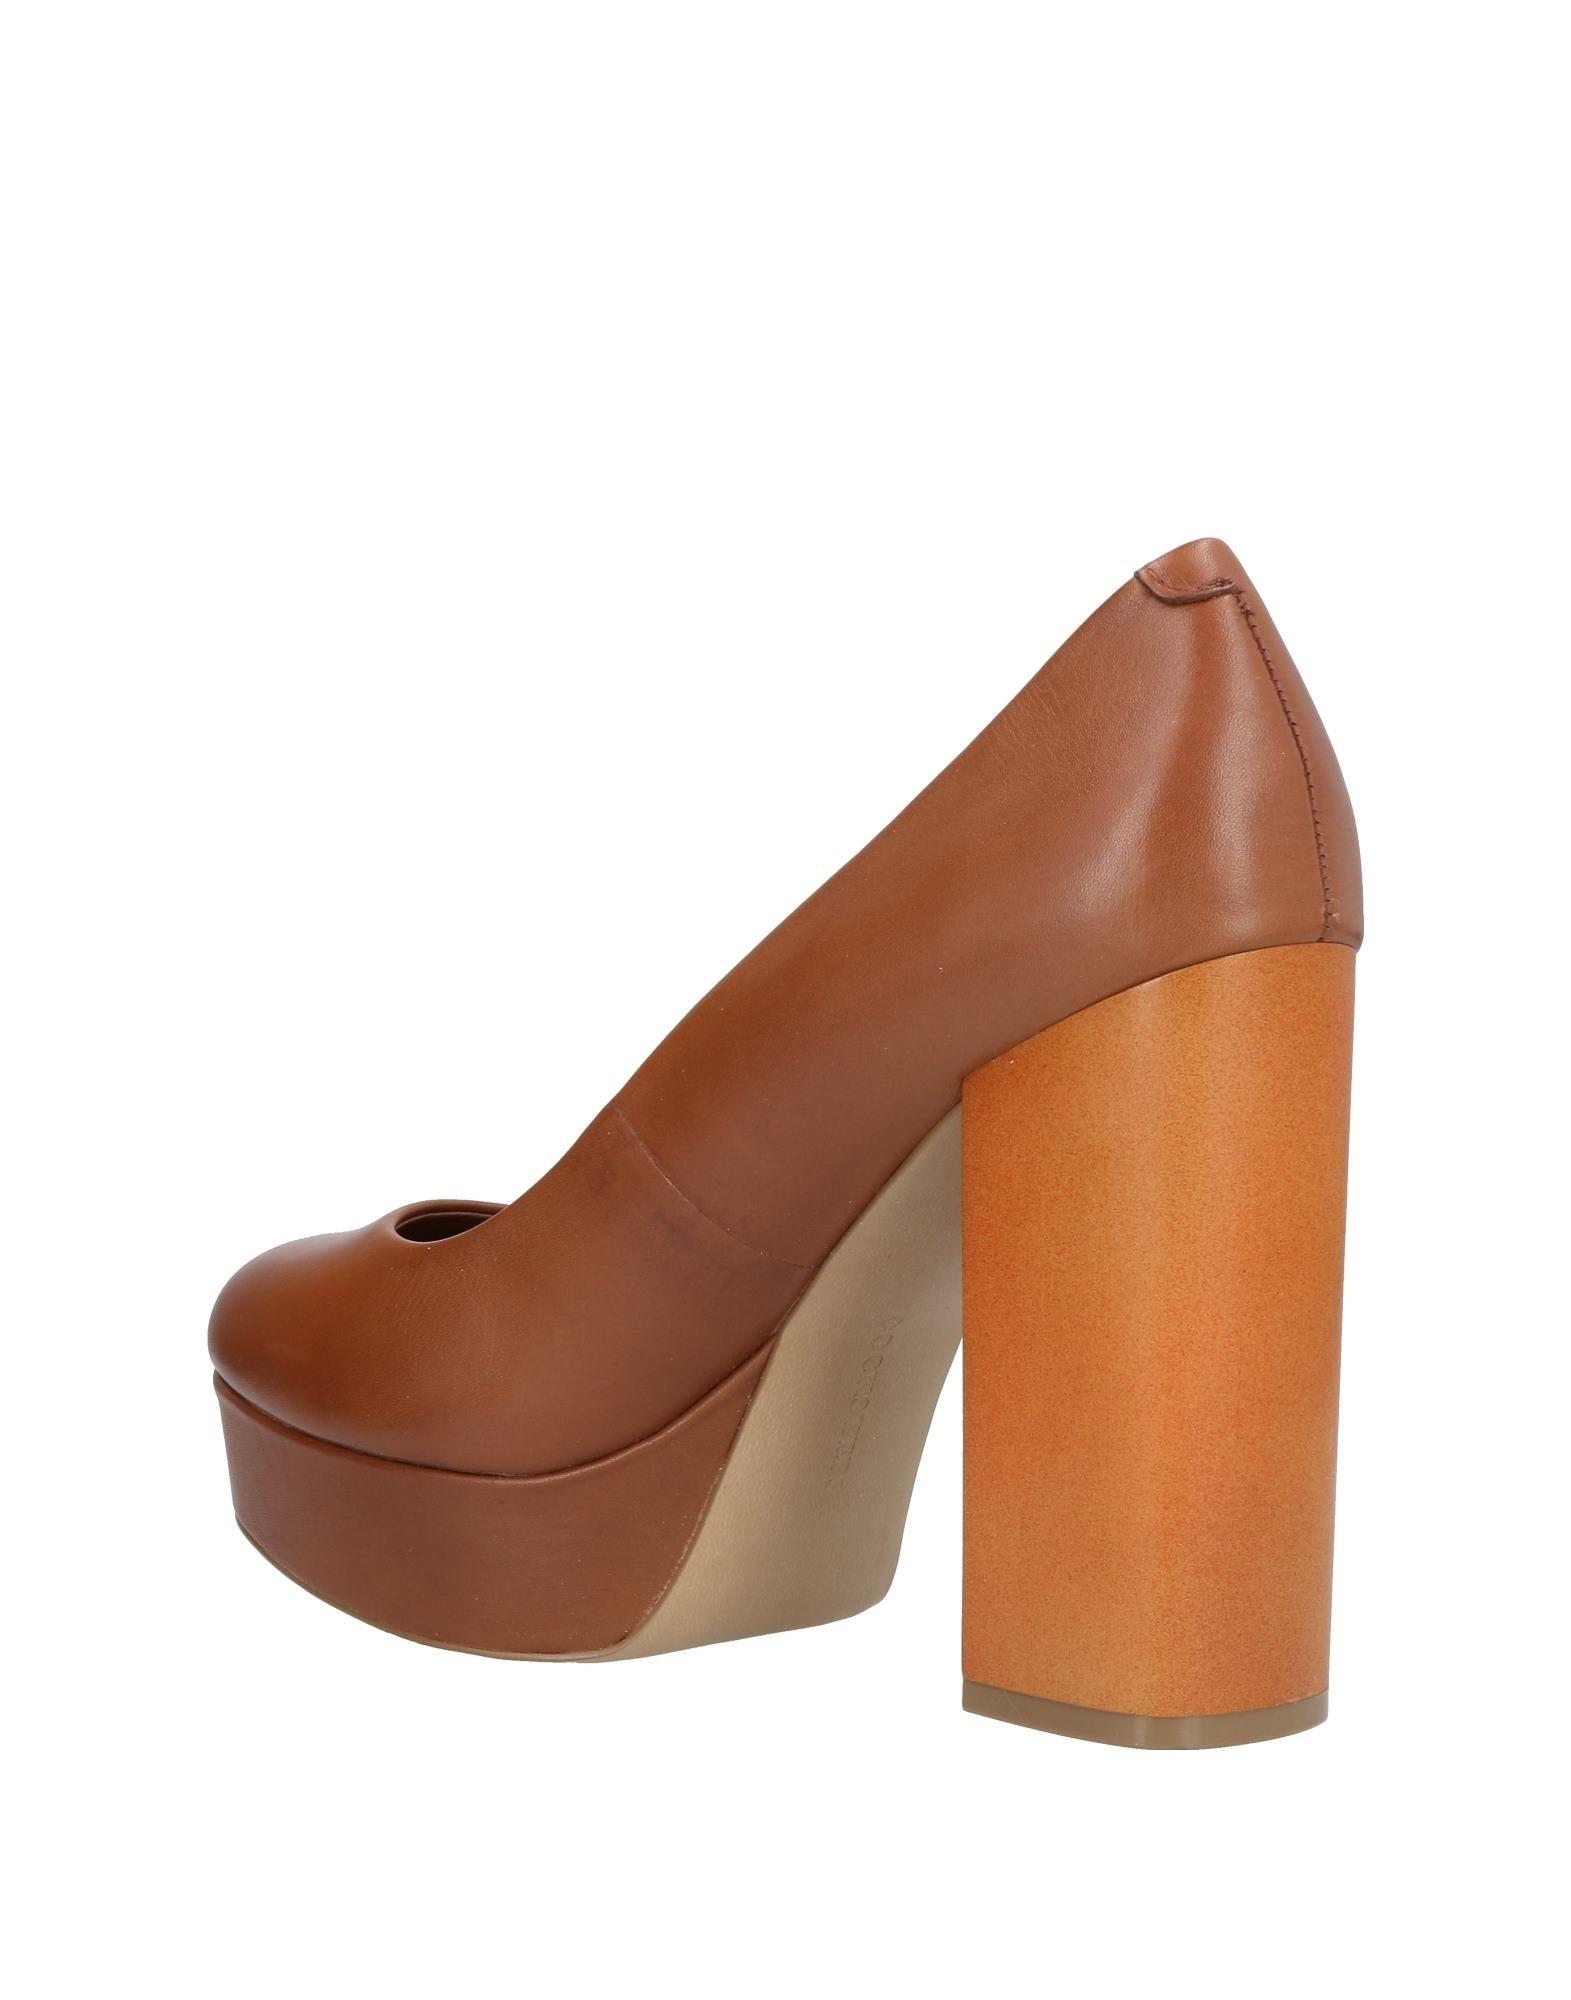 Docksteps Gute Pumps Damen  11421748DS Gute Docksteps Qualität beliebte Schuhe 0384b5